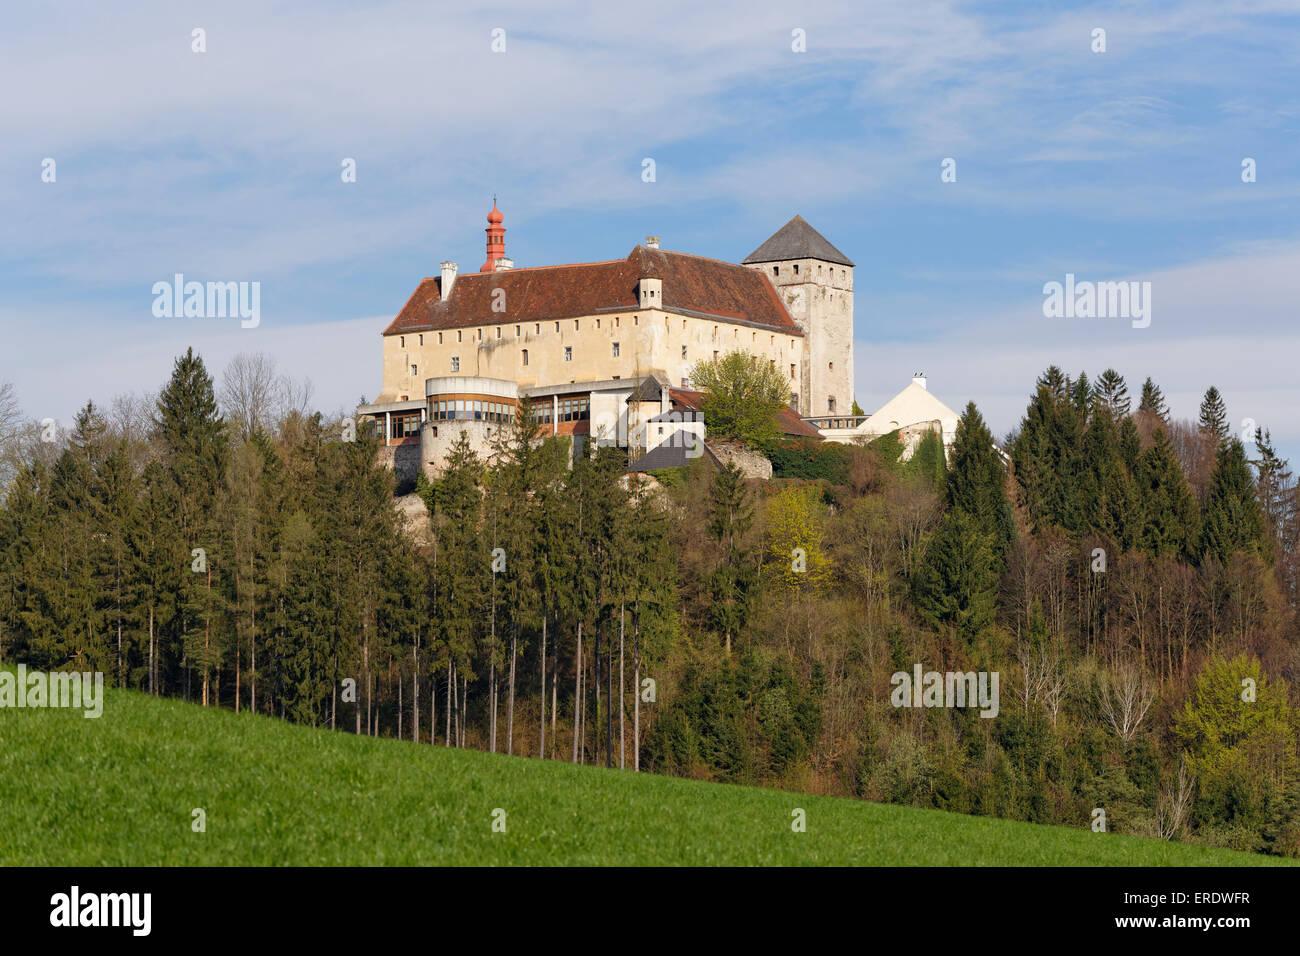 Schlosshotel Krumbach, Bucklige Welt, in Krumbach, Industrial Quarter, Lower Austria, Austria - Stock Image